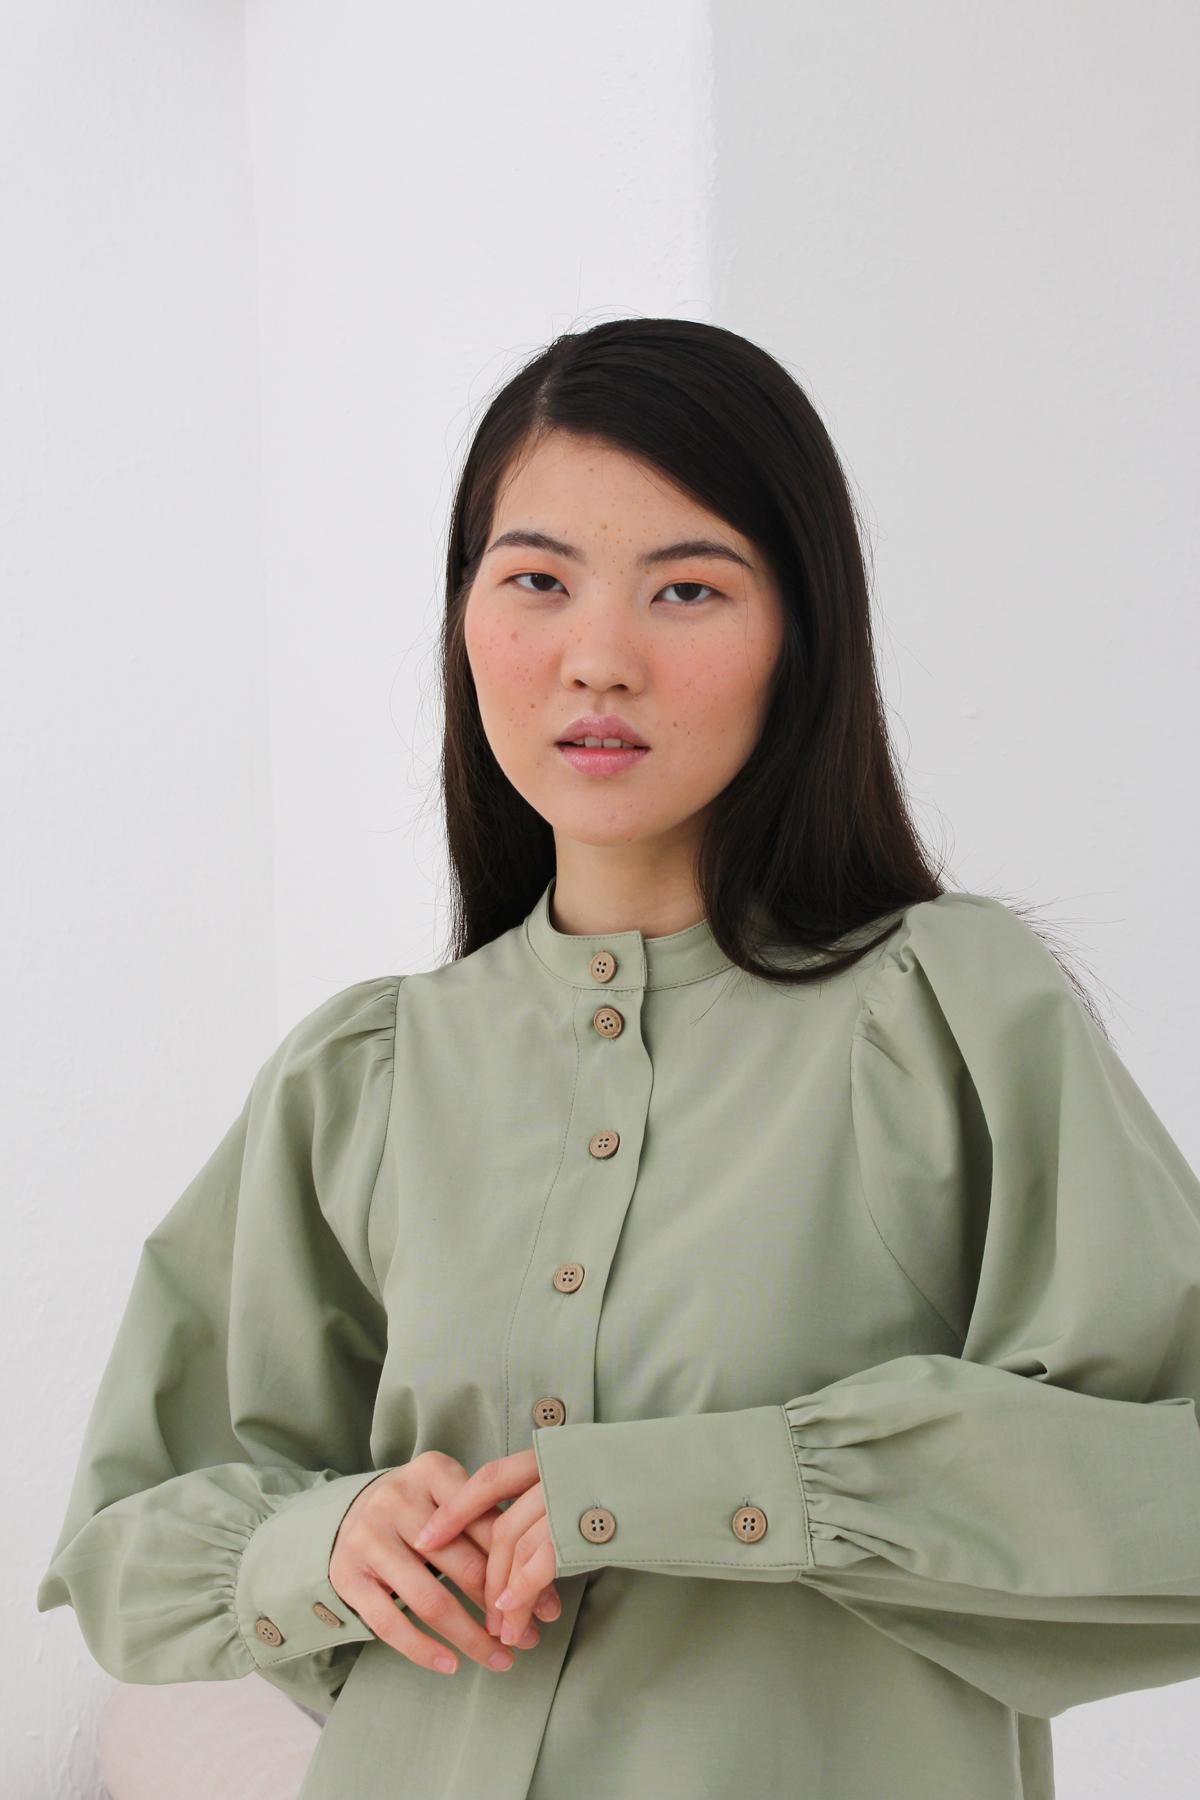 Cuff Sleeve Mandarin Collar Blouse